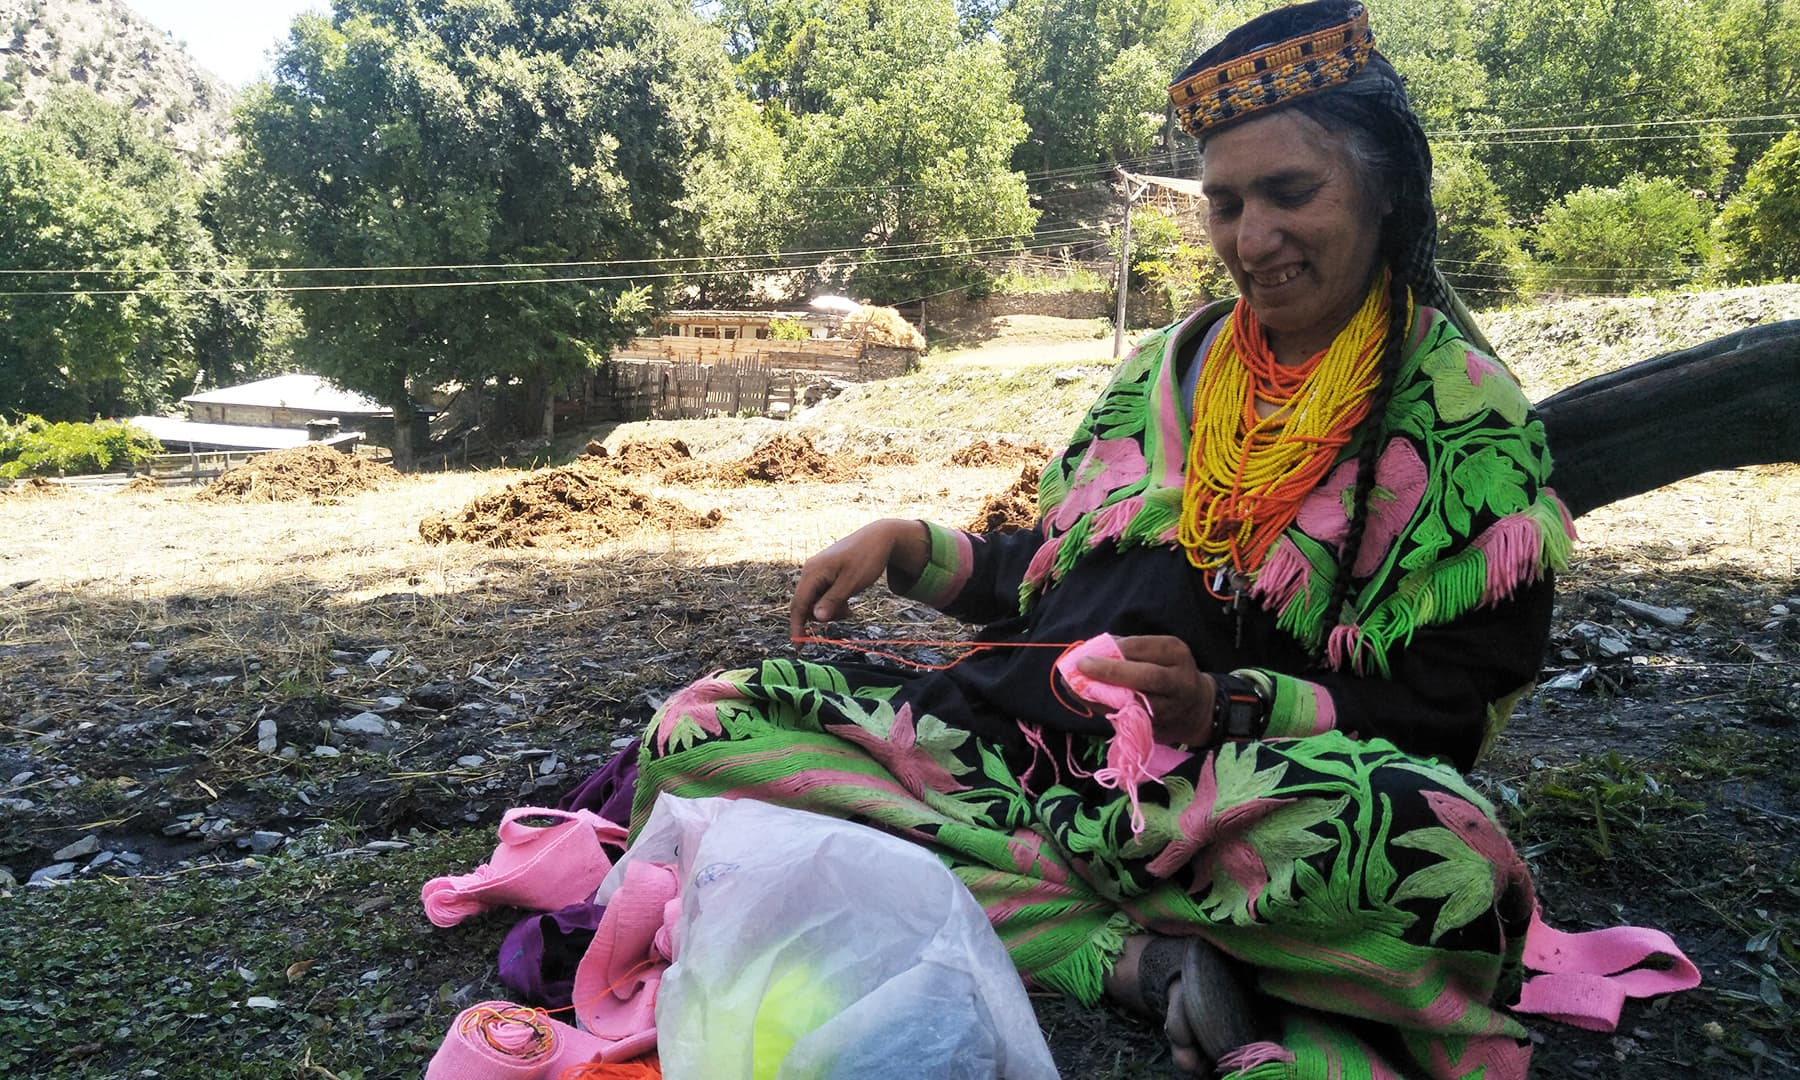 کیلاش قبیلے کی ایک خاتون کشیدہ کاری میں مصروف ہے—عظمت اکبر